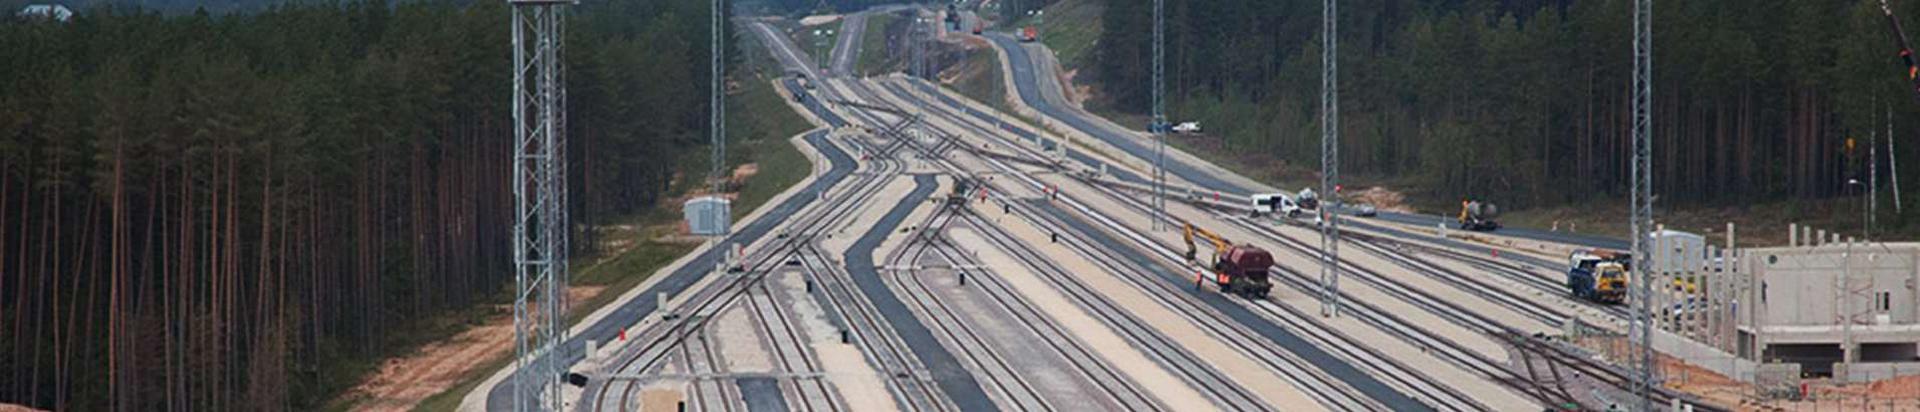 energeetika, energeetika ja maavarad, energiasüsteemide ehitus ja hooldus, seadmed ja masinad, Elektrijaotusseadmed ja juhtaparatuur, Elektriliinide abitööd, Elektrijaotus- ja seonduvad teenused, Torujuhtmete, side- ja elektriliinide, maanteede, teede, lennuväljade ja raudteede ehitustööd; pinnakattetööd, Keskpinge paigaldustööd, Elektripaigaldustööd